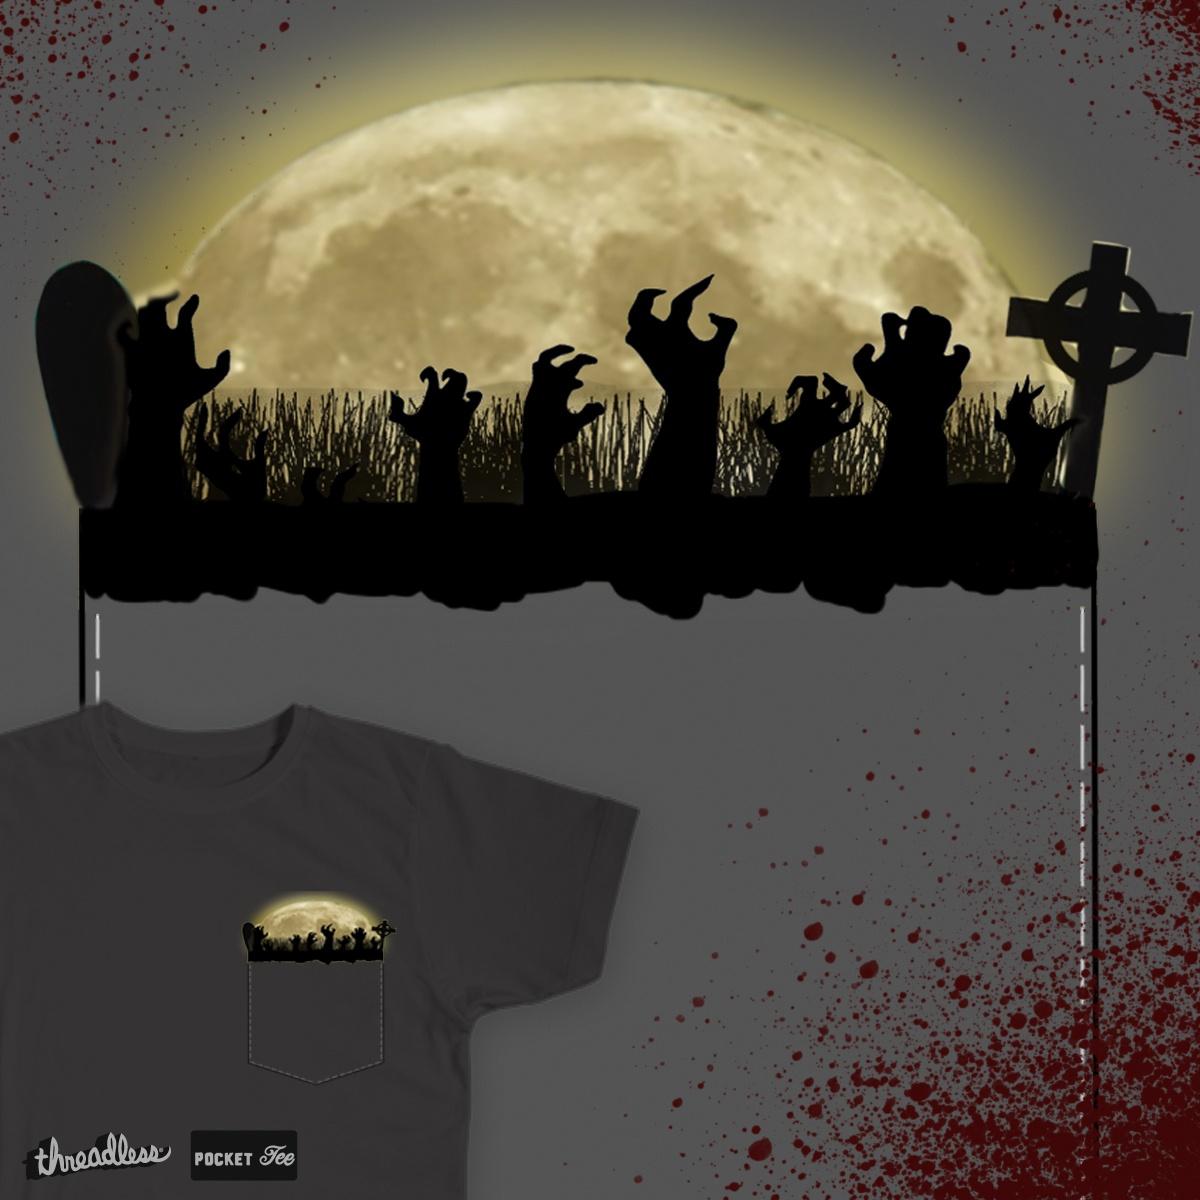 Zombie by Ciuna on Threadless